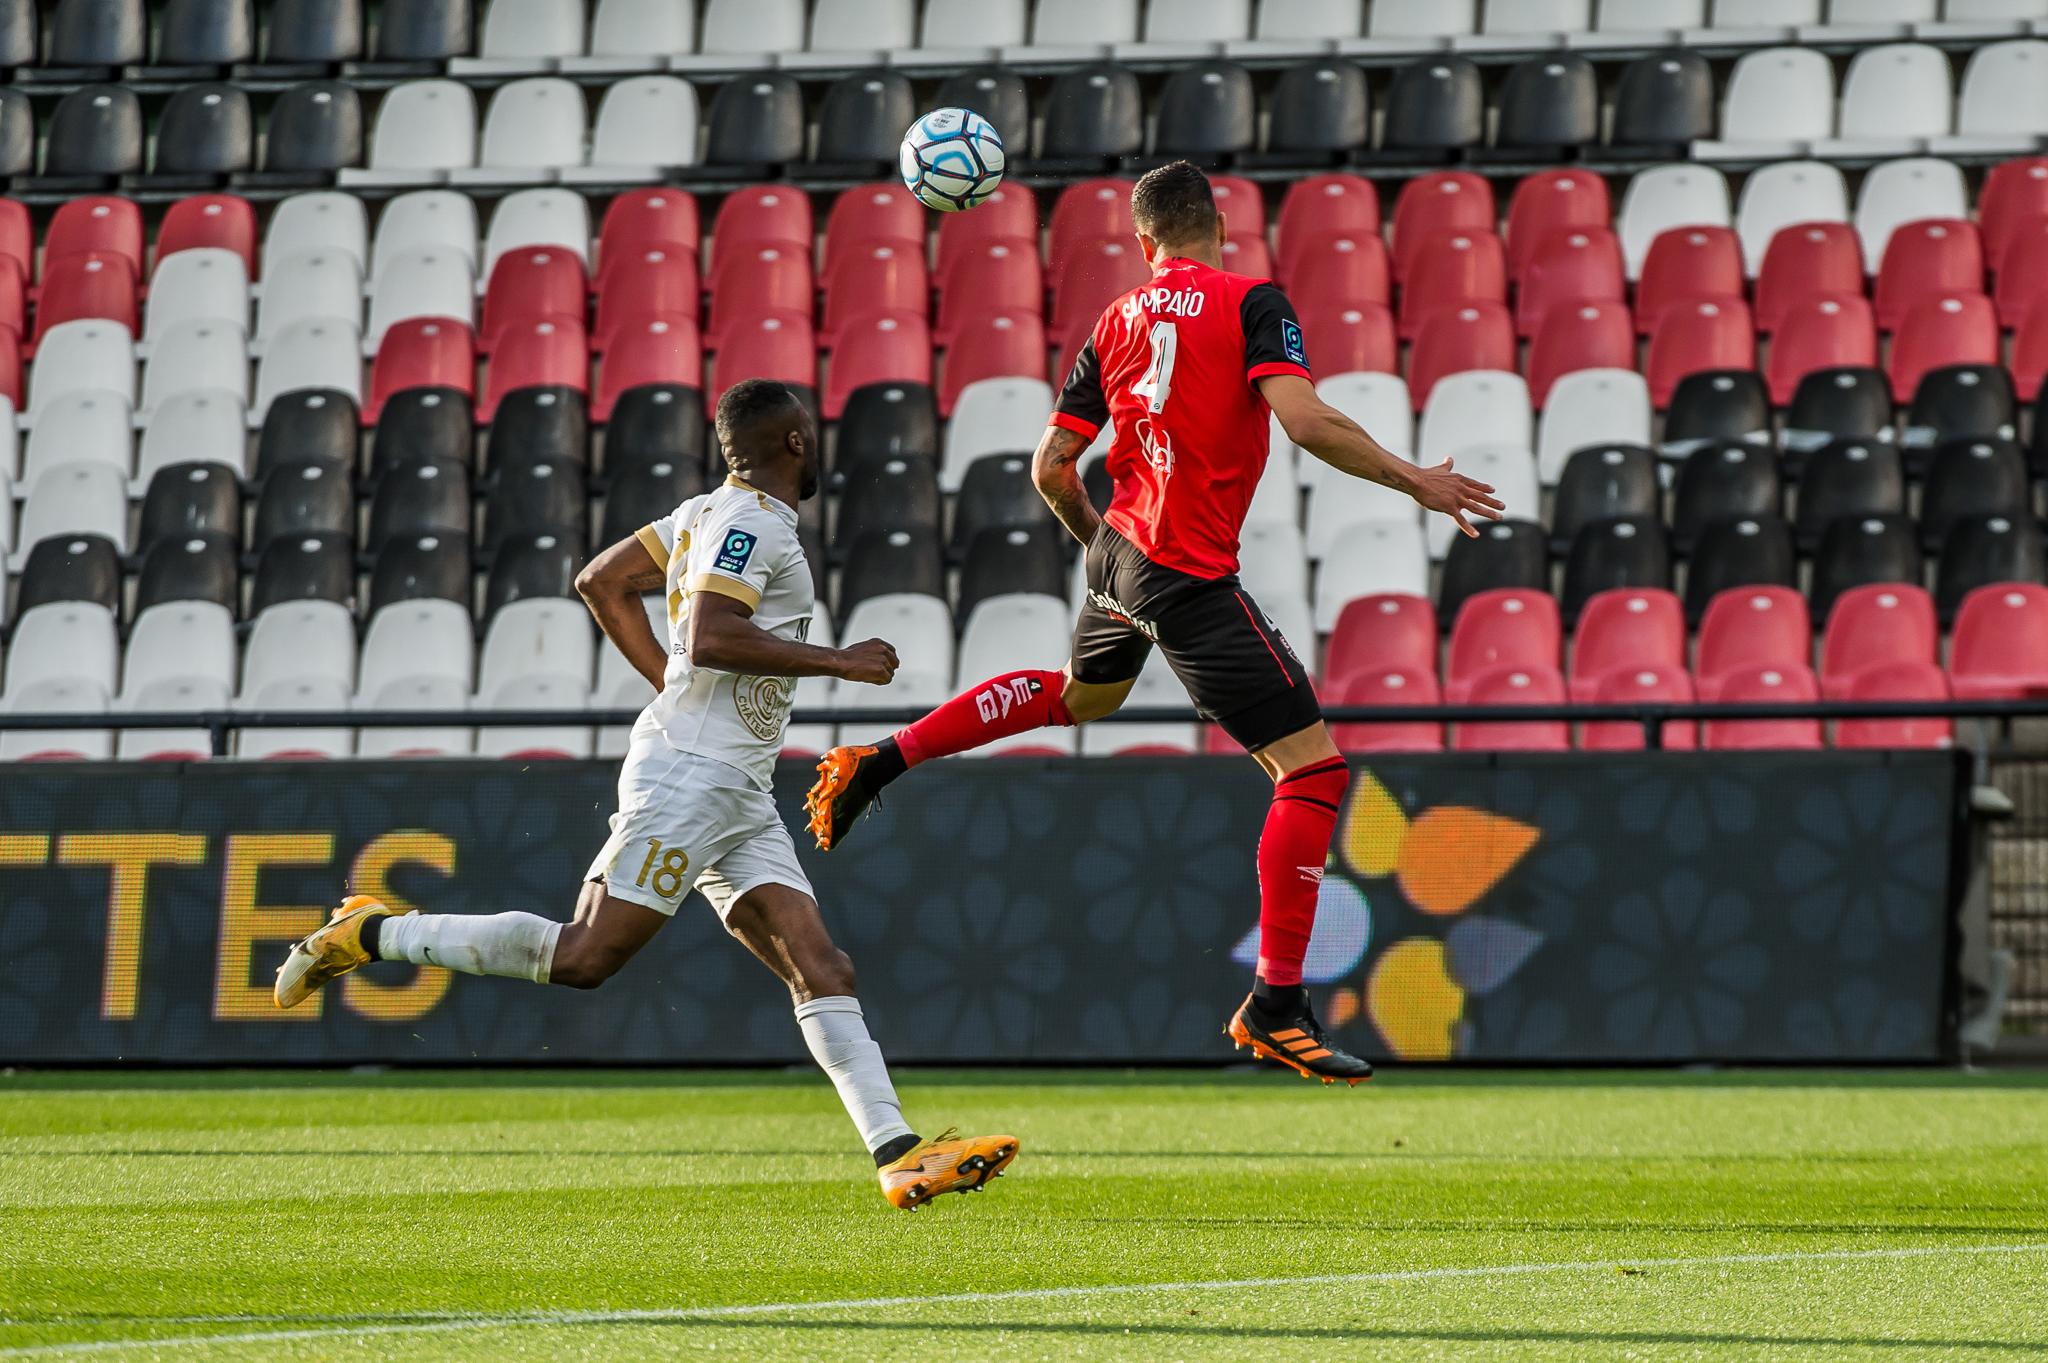 EA Guingamp La Berrichonne Châteauroux J37 Ligue 2 BKT EAGLBC 2-0 Stade de Roudourou FRA_5429